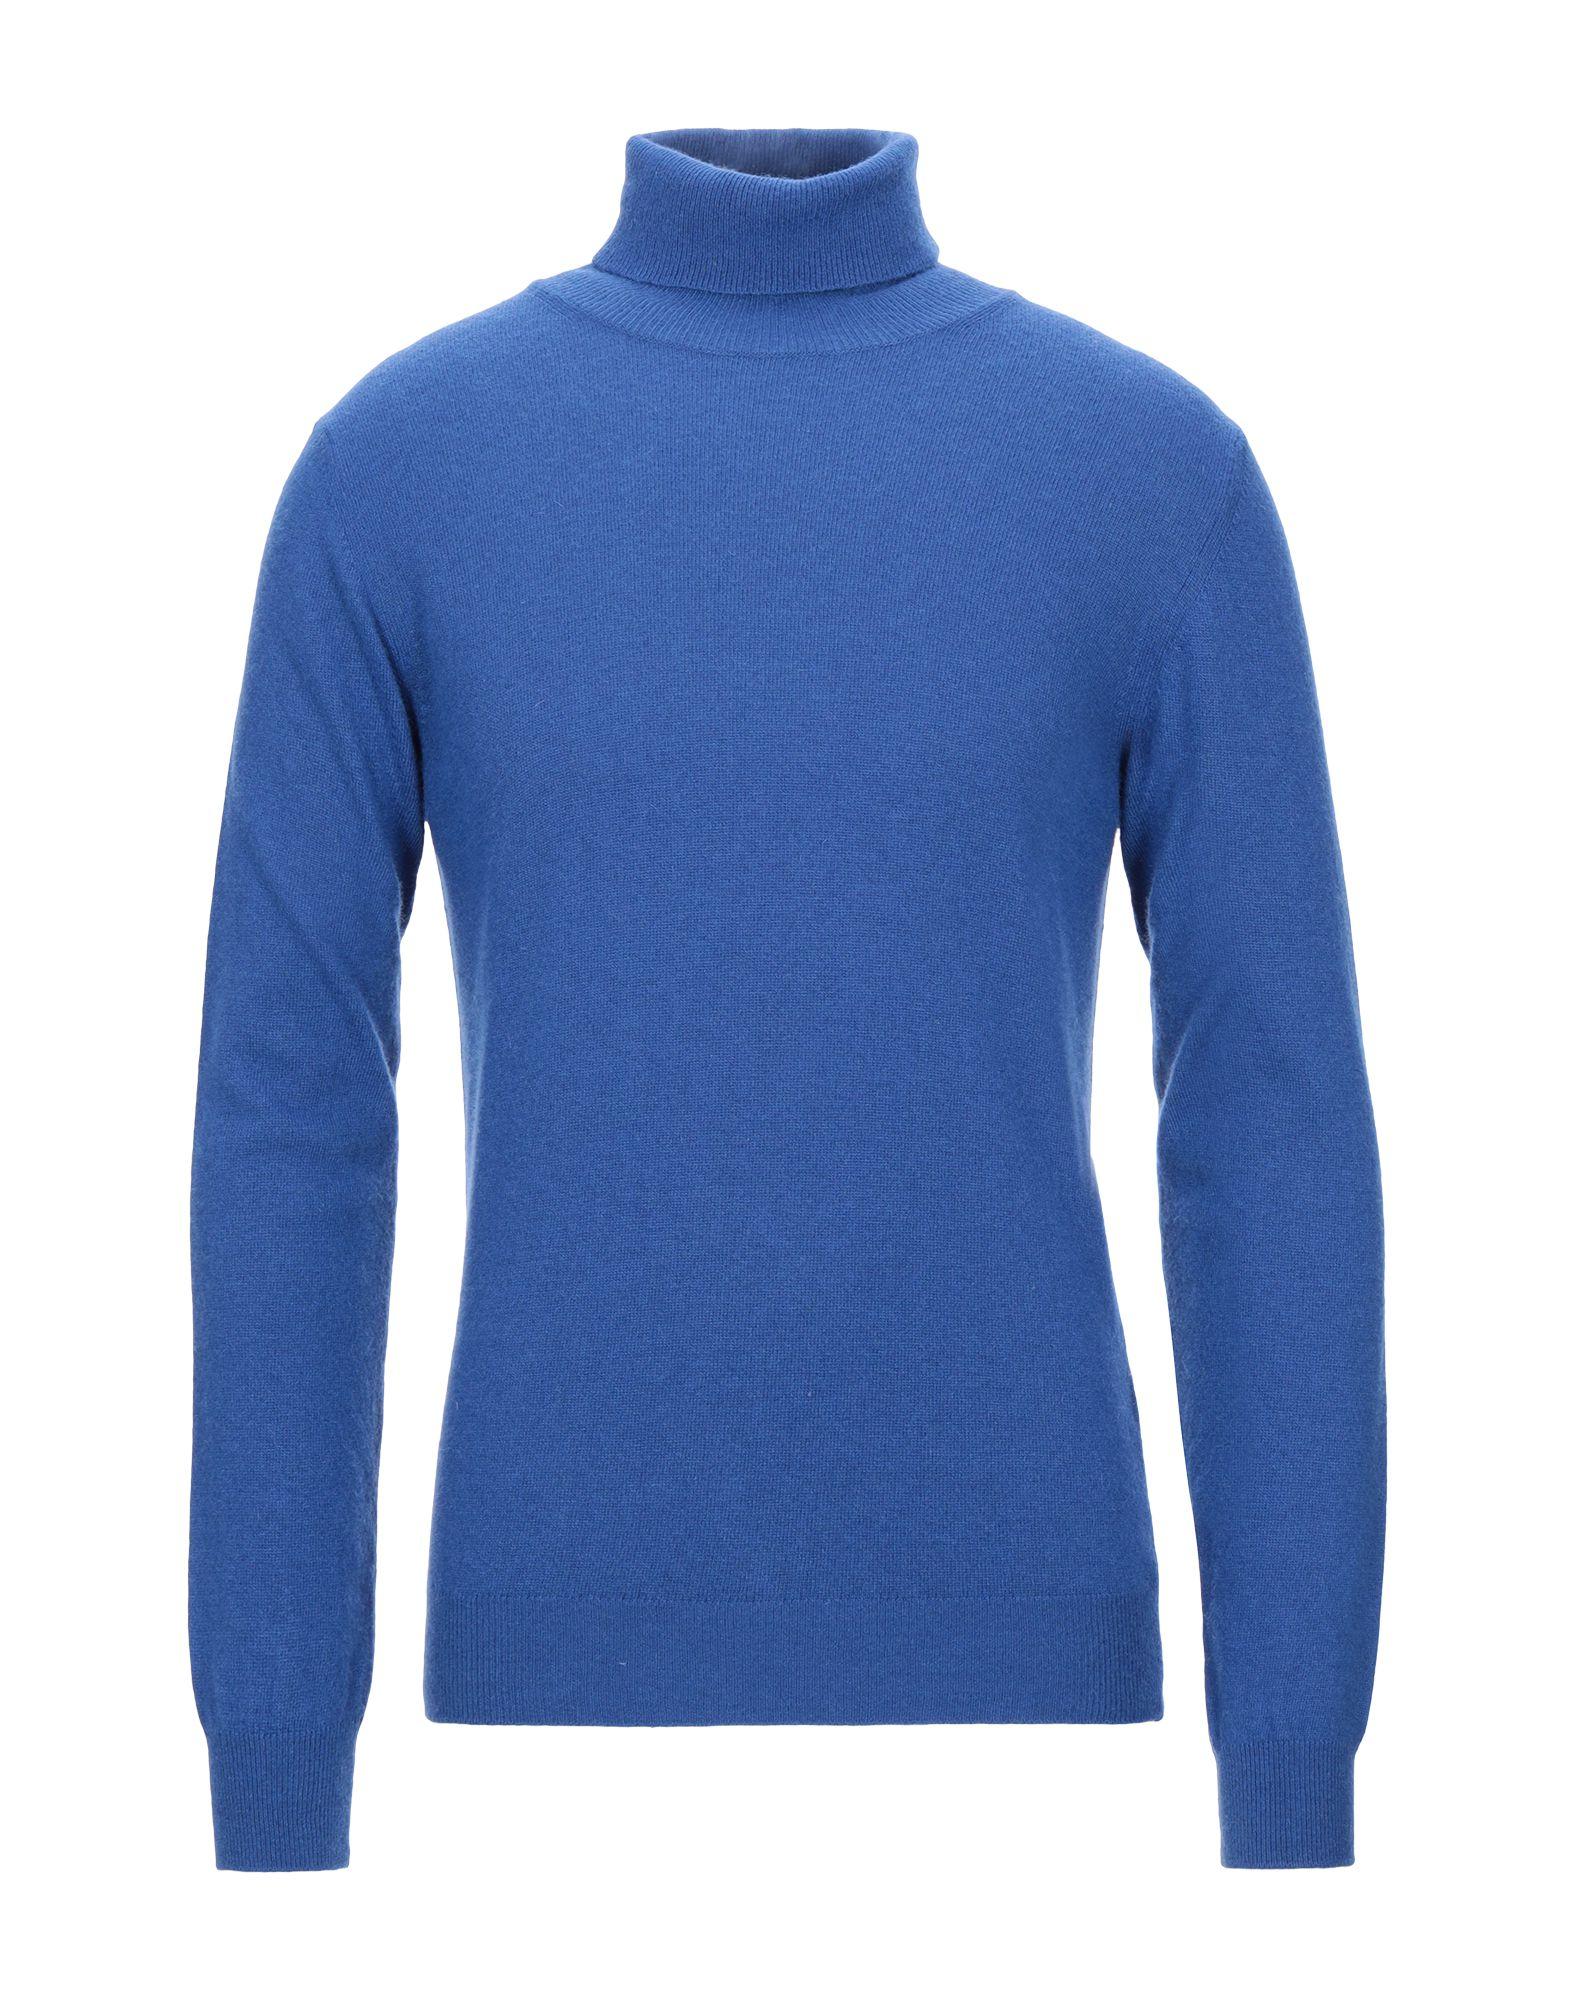 《セール開催中》DANIELE ALESSANDRINI HOMME メンズ タートルネック ブルー 46 ナイロン 35% / レーヨン 30% / ウール 30% / カシミヤ 5%